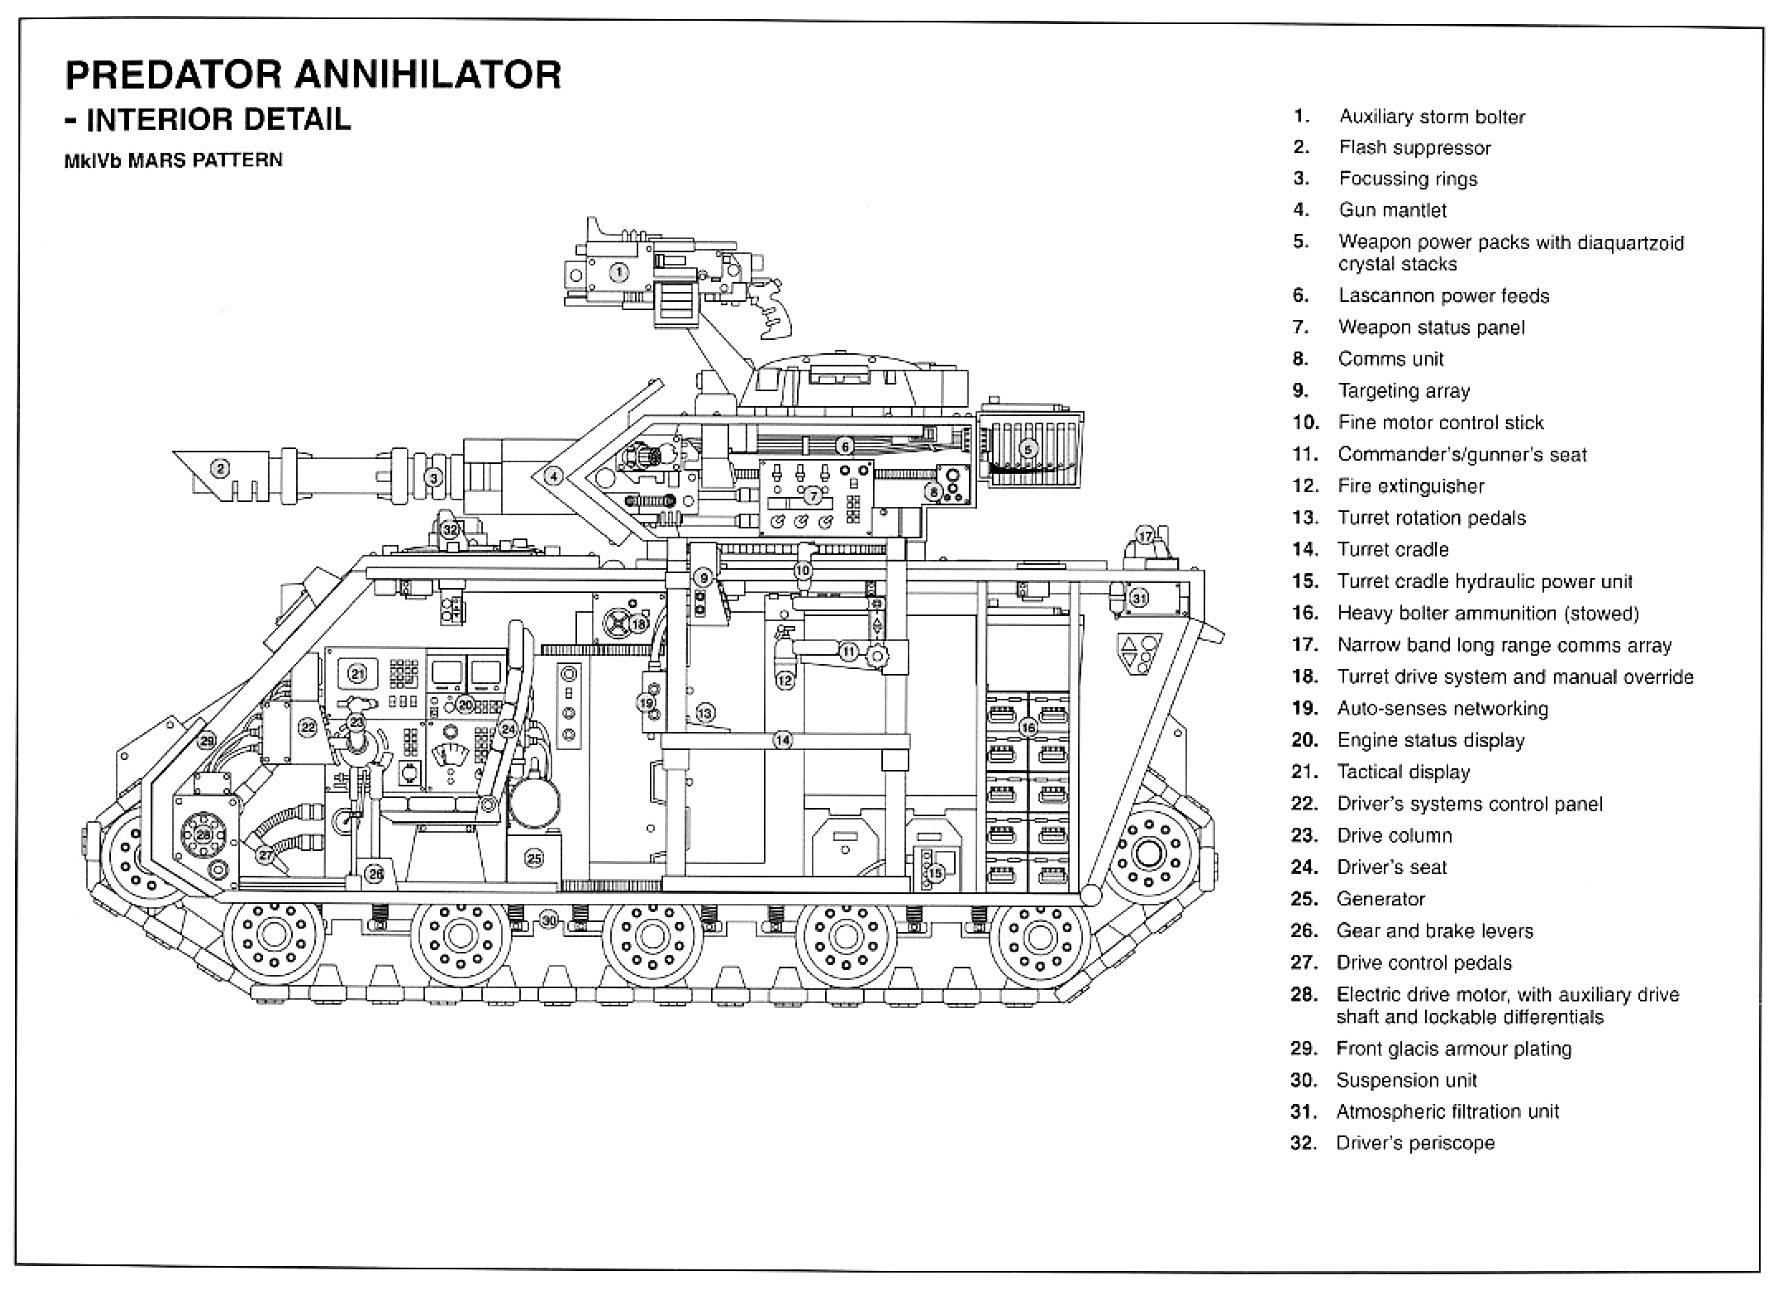 warhammer 40k ship schematics